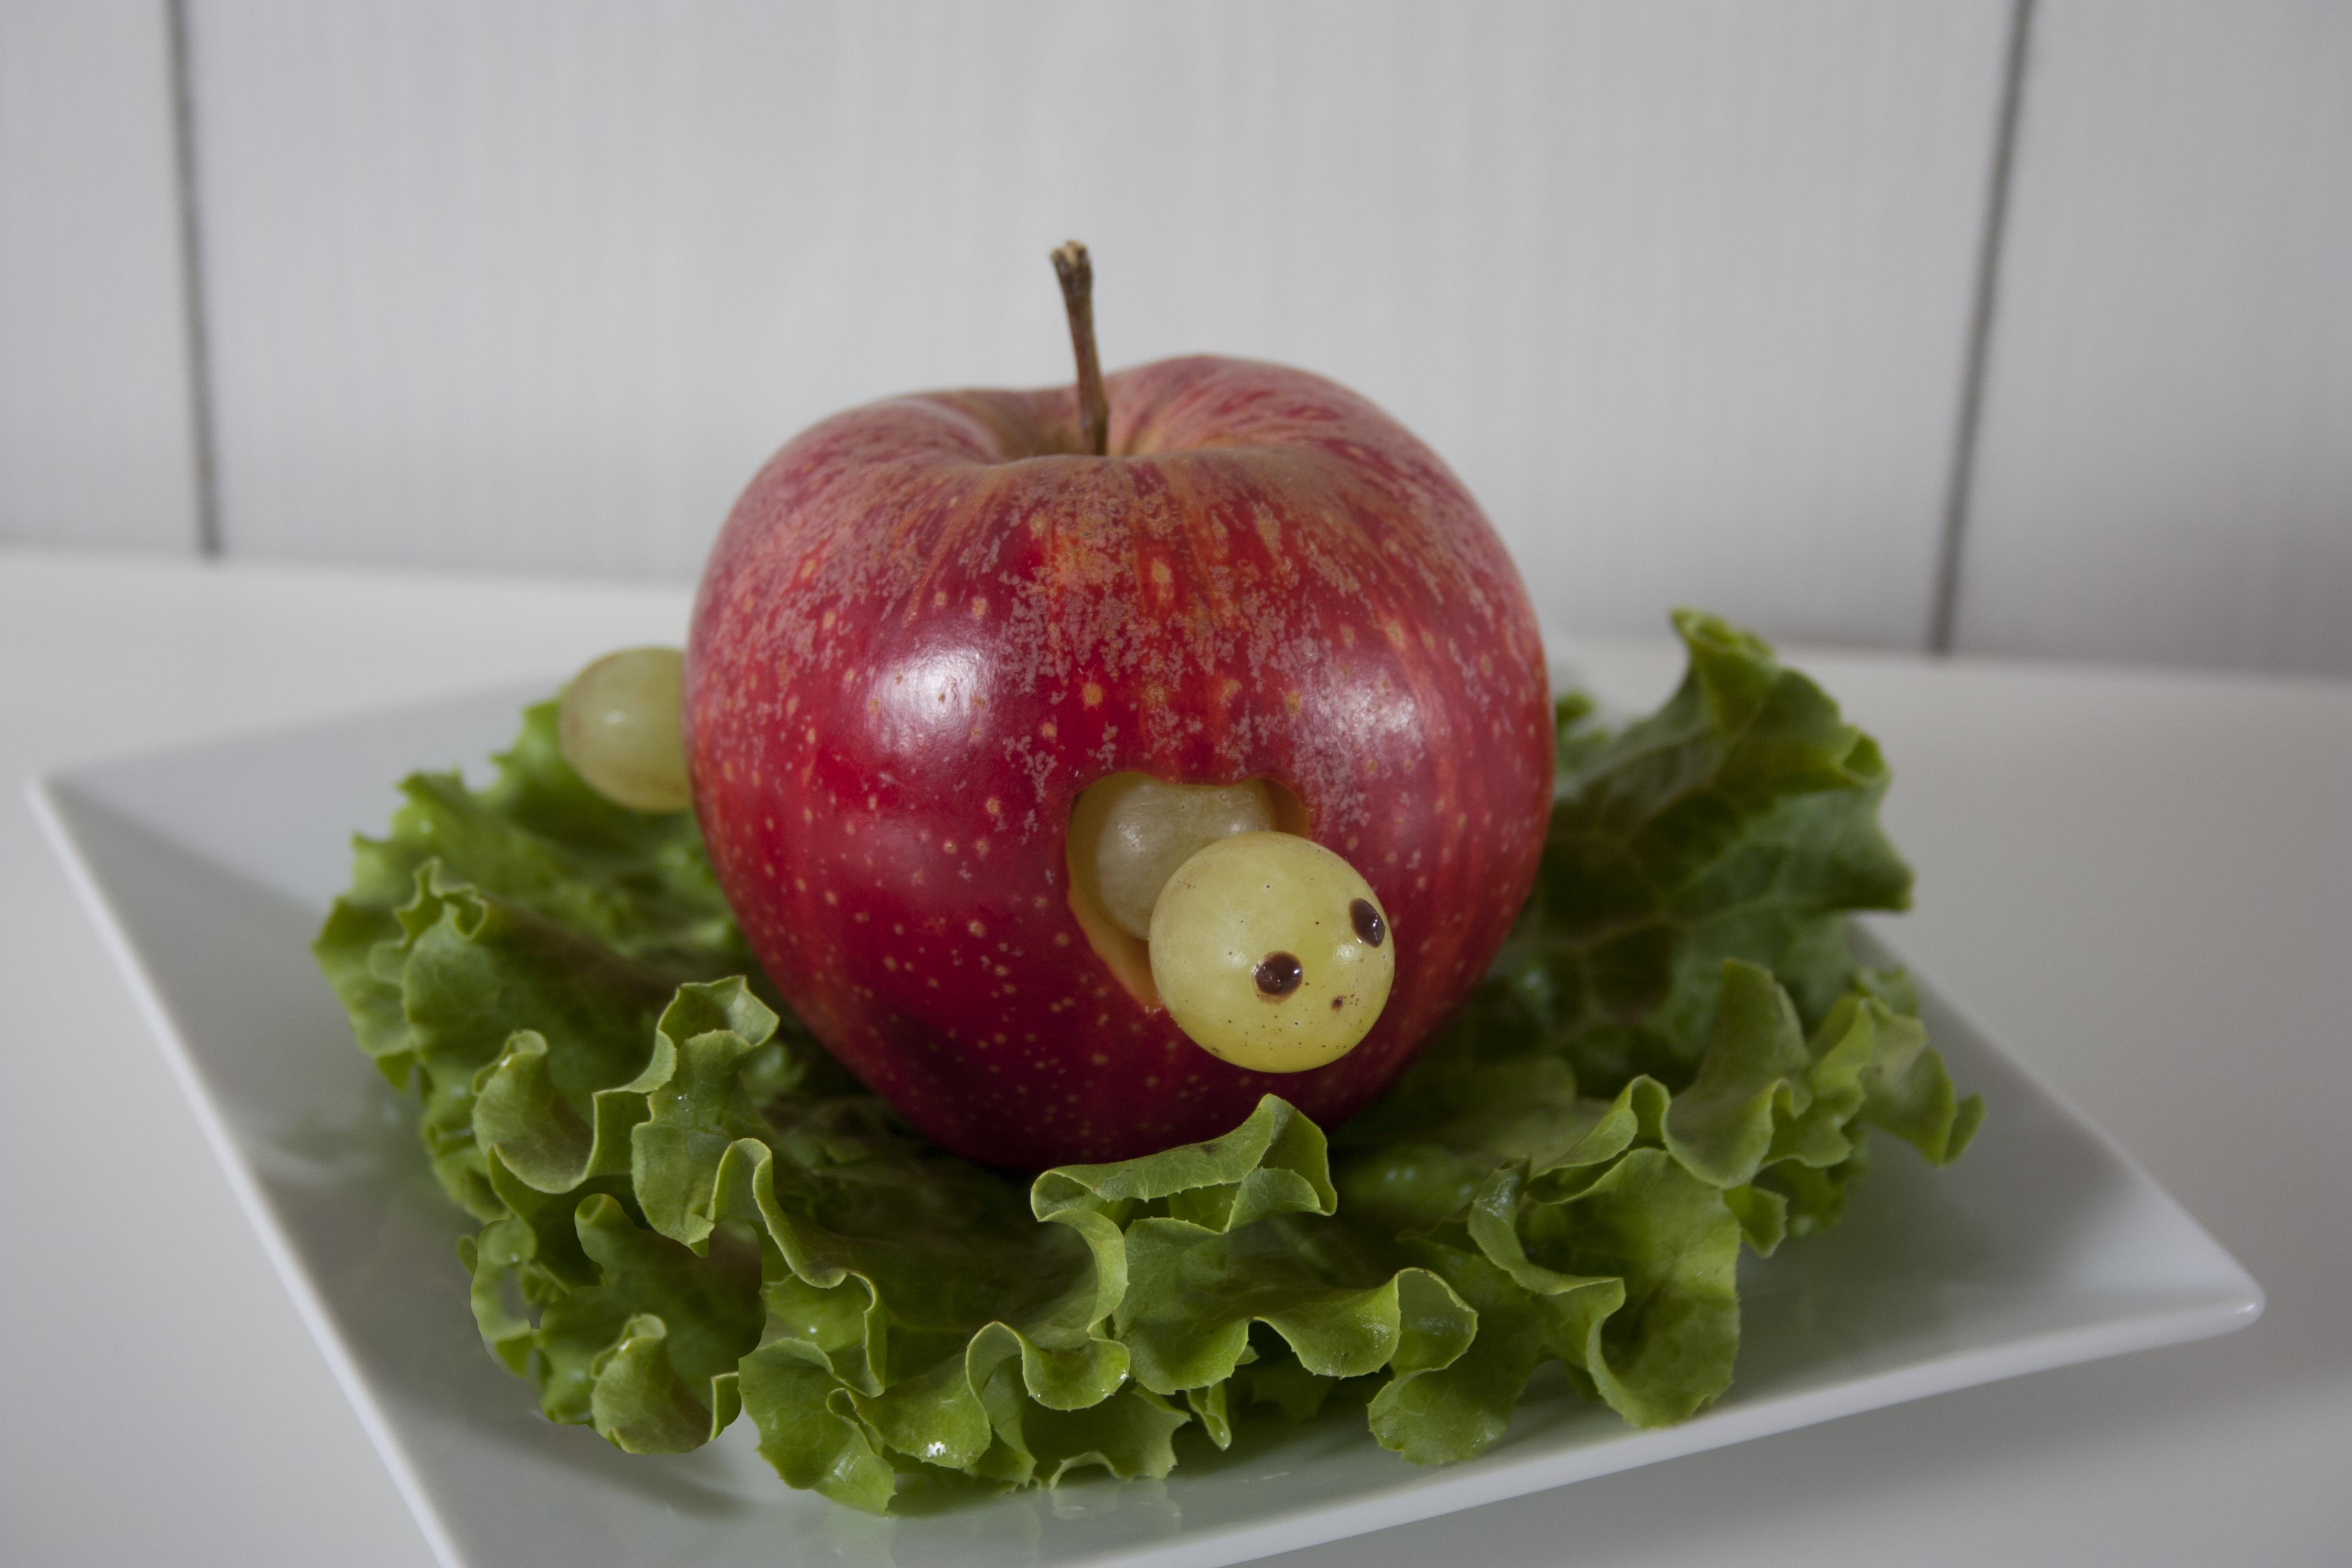 Fruit snack - for children